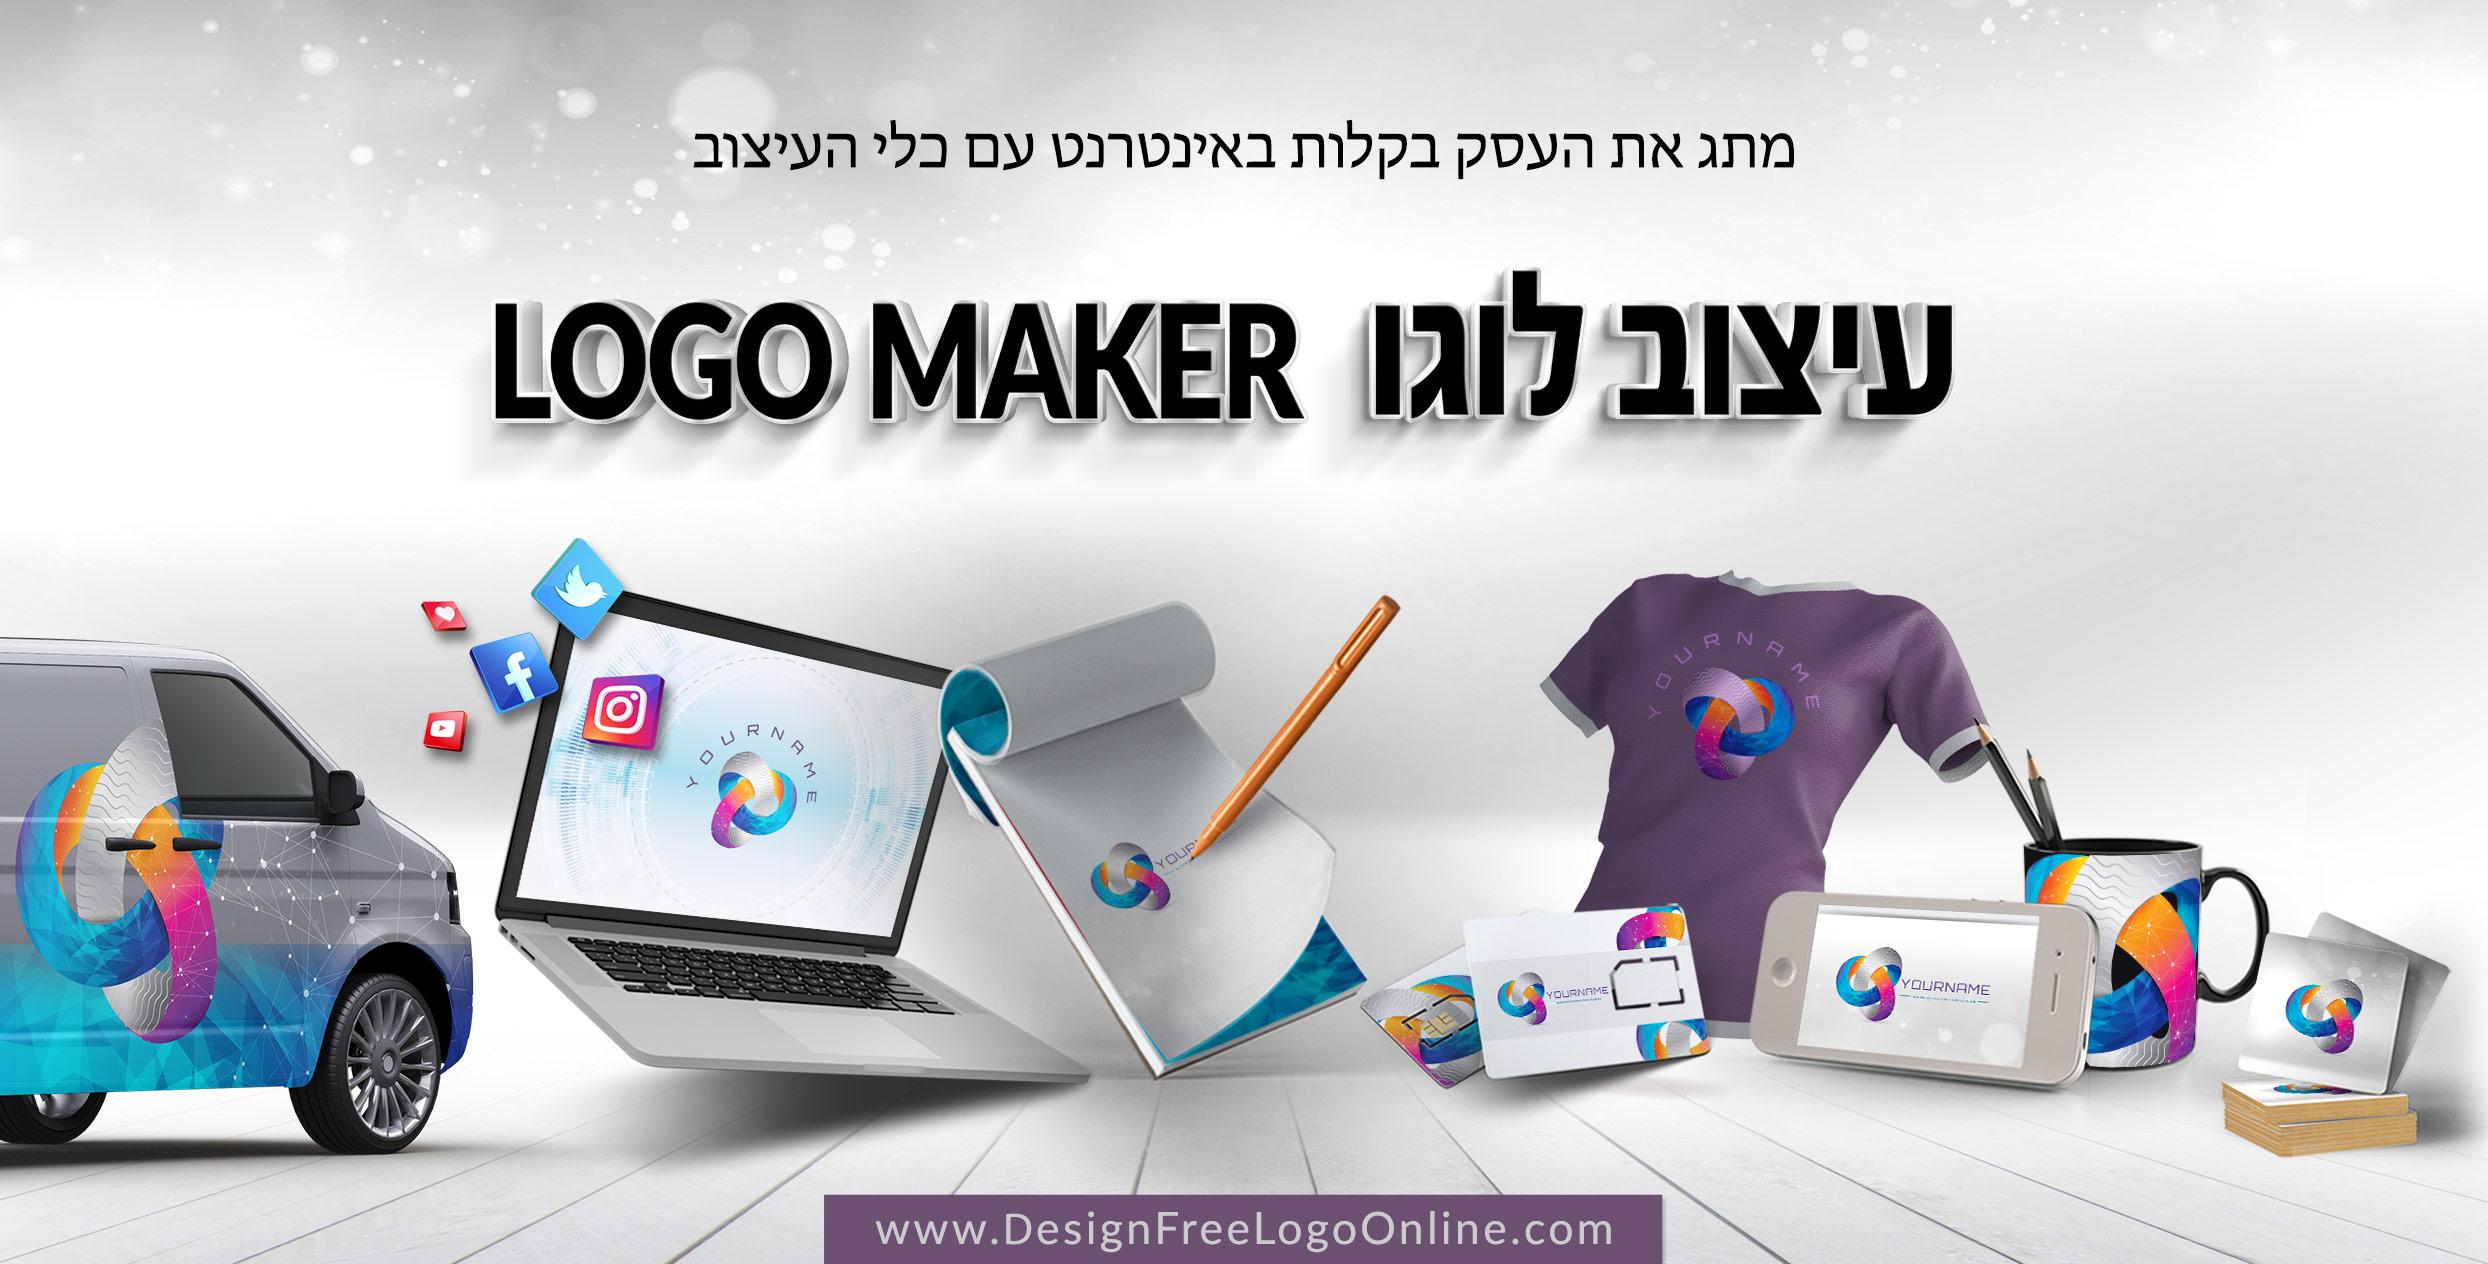 עיצוב לוגו חינם אונליין - מיתוג עסקי באינטרנט